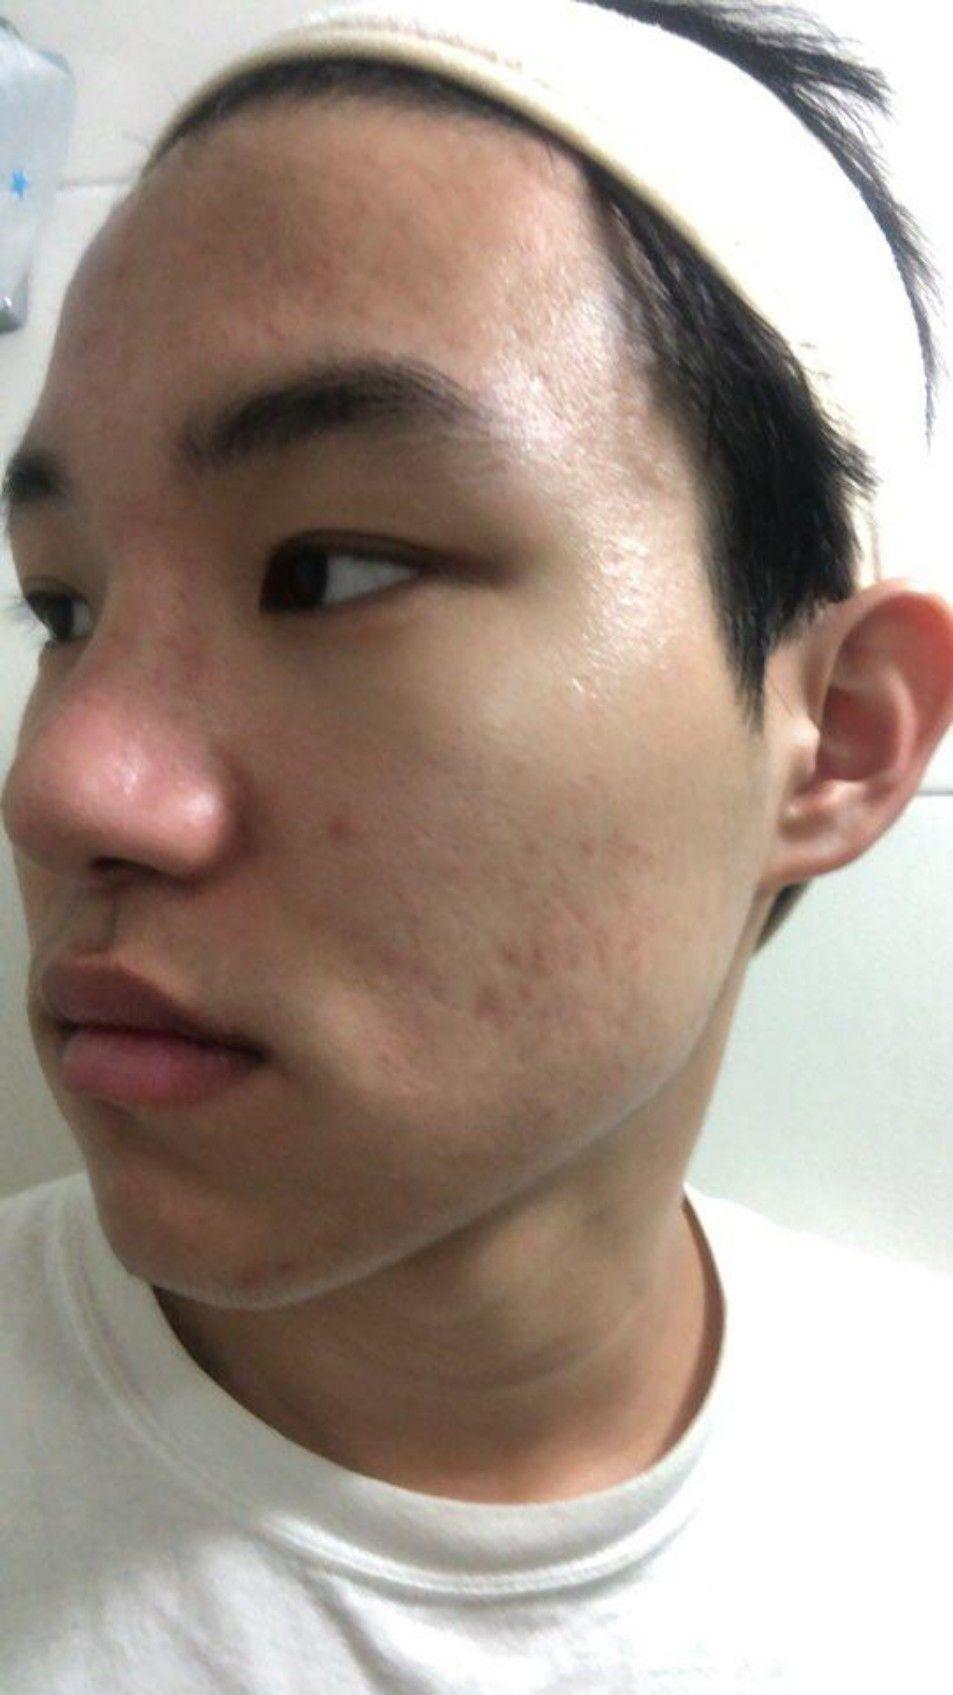 男性祛痘痘疤痕 项目分类:皮肤管理 祛疤痕 手术祛疤